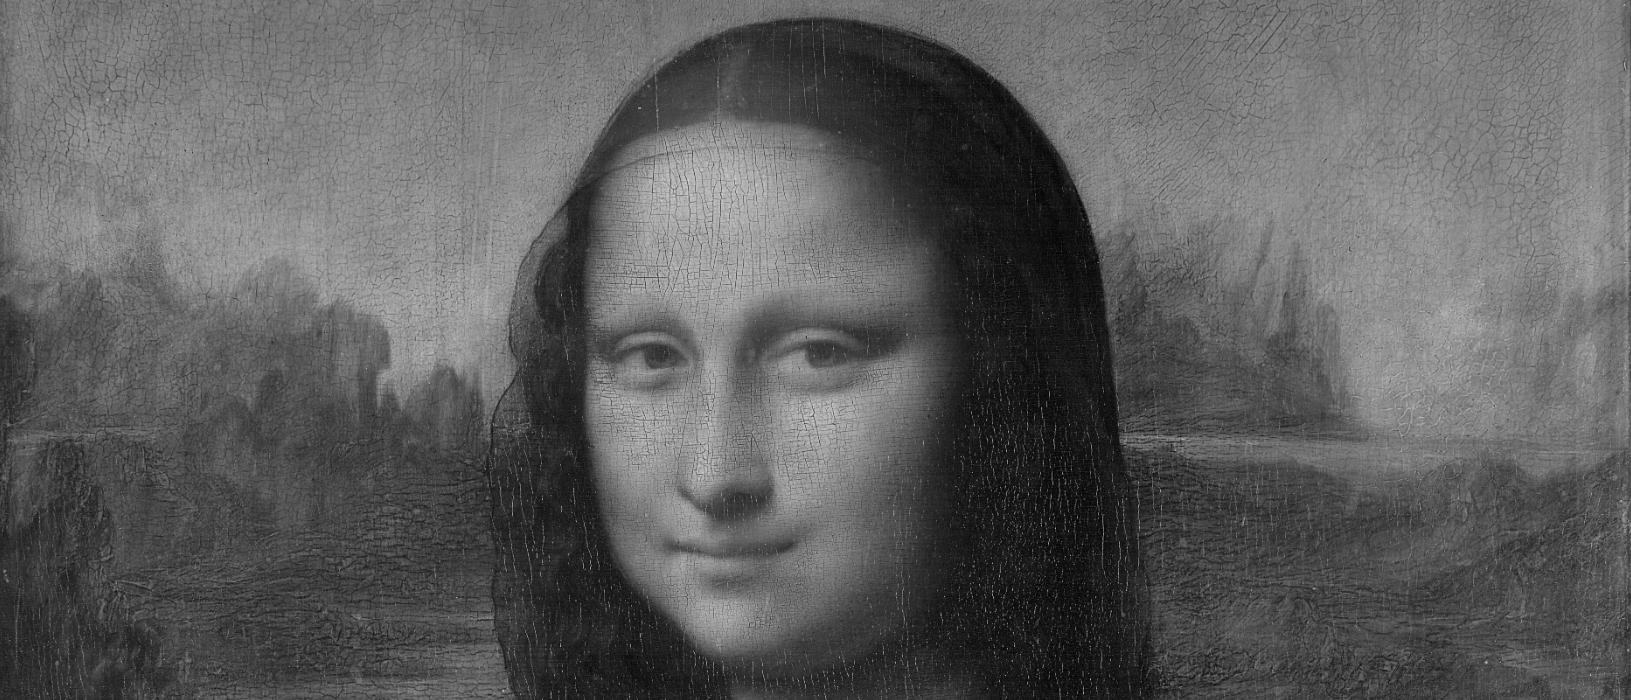 Создание образа Мона Лизы в Игре «Жизнь» - 2